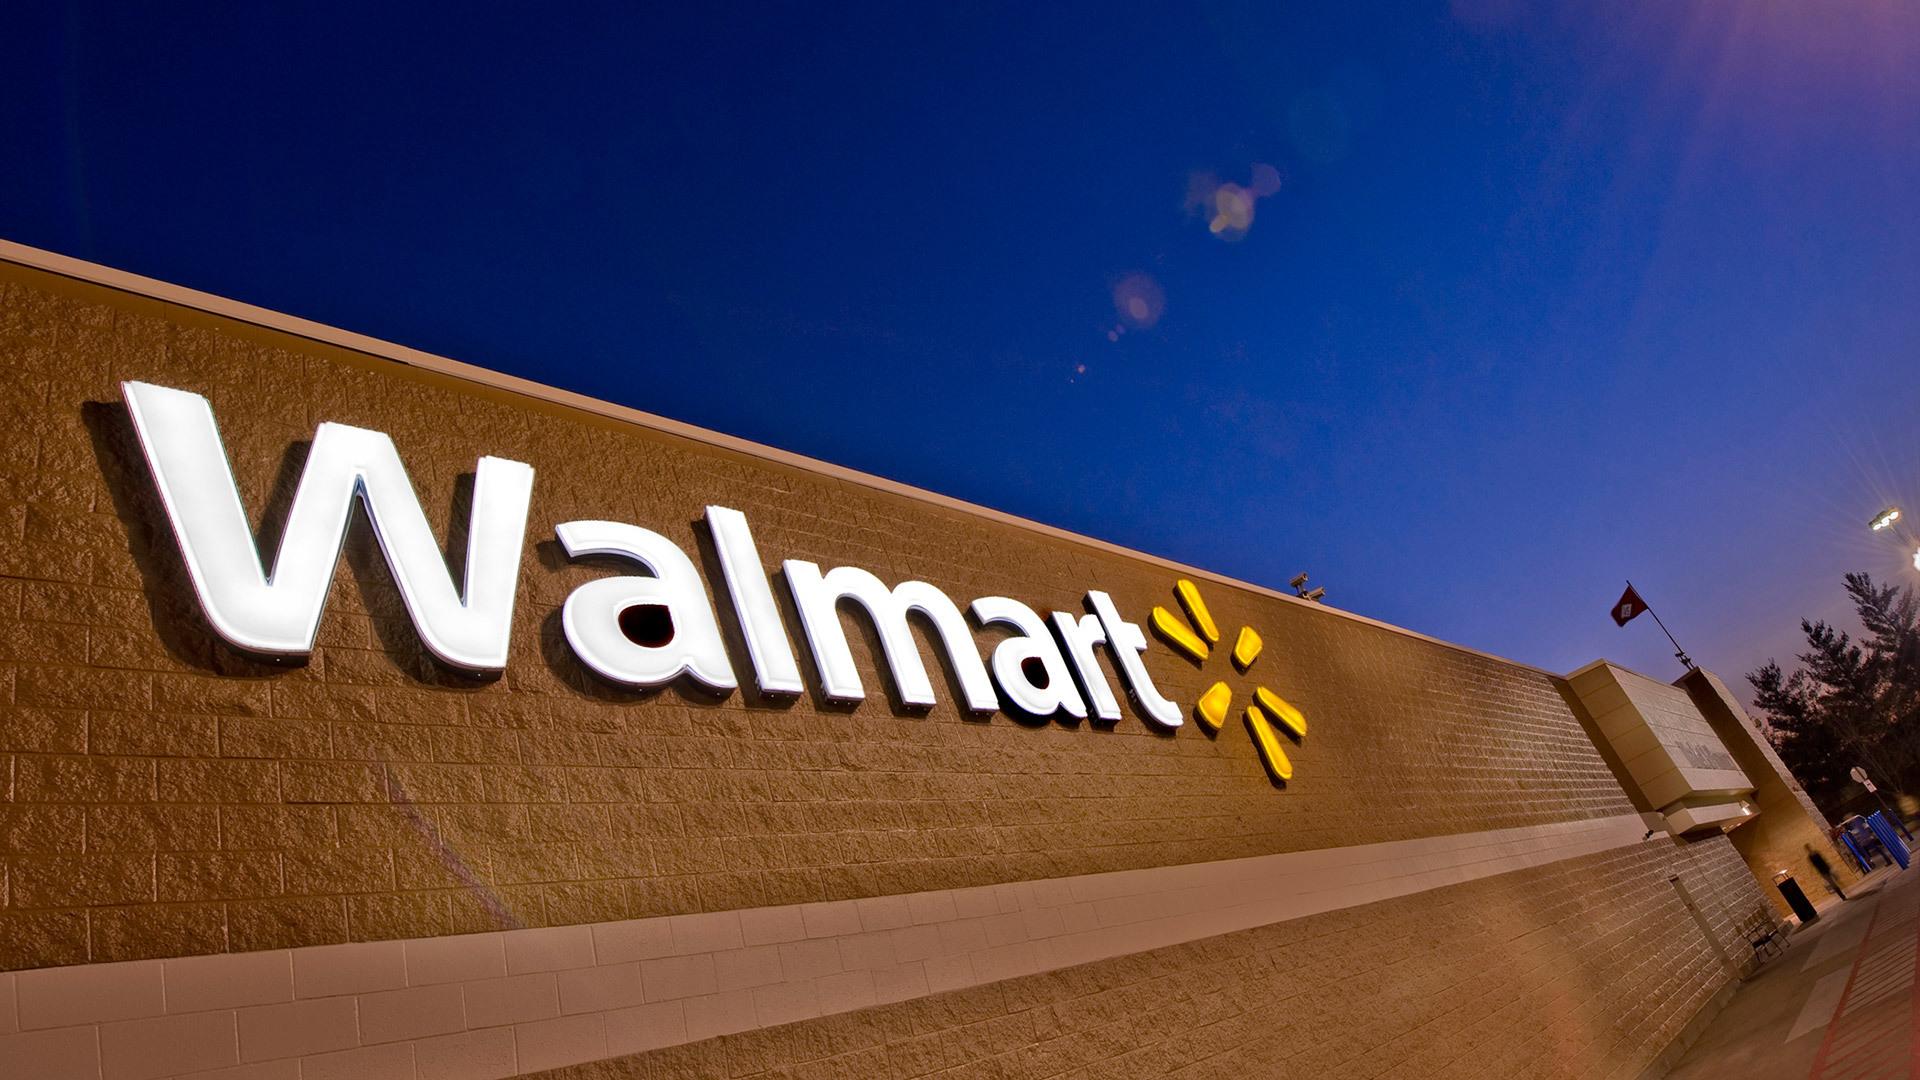 Walmart Images